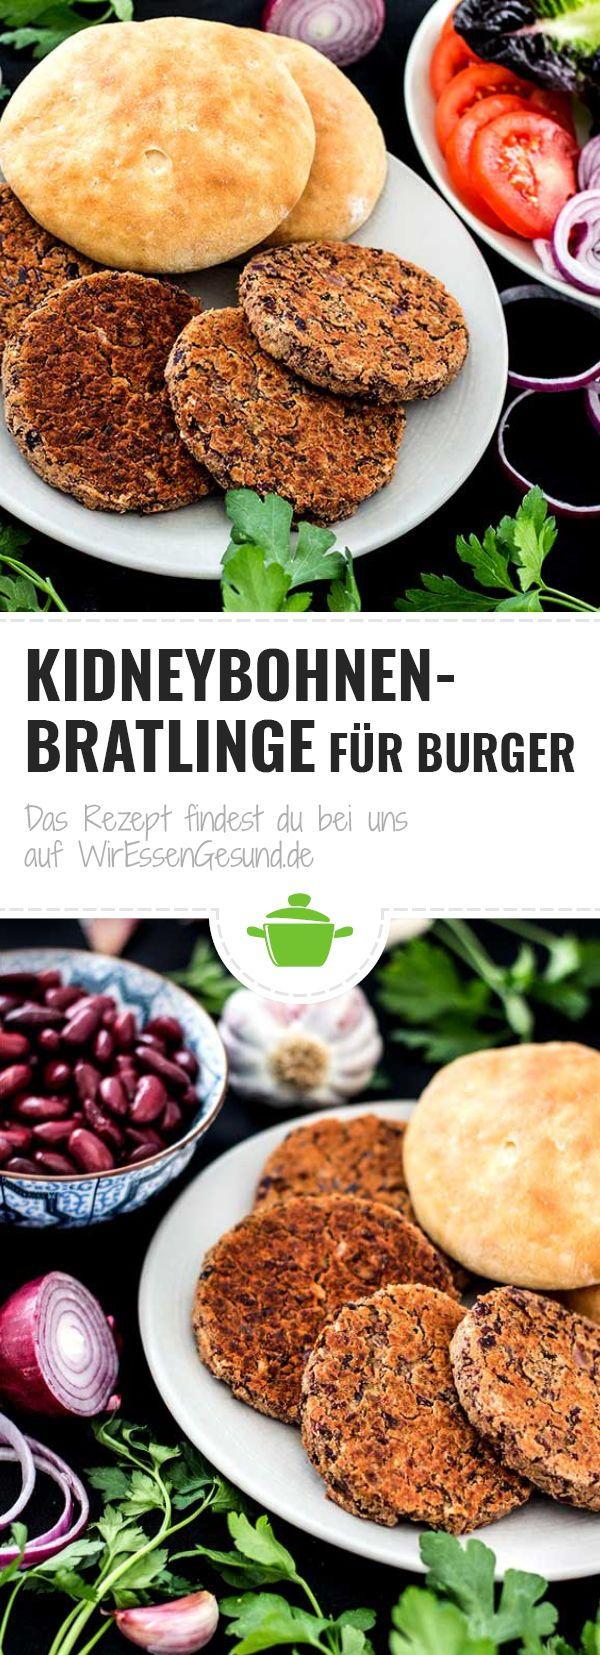 Photo of Kidney bean patties for burgers – WirEssenGesund